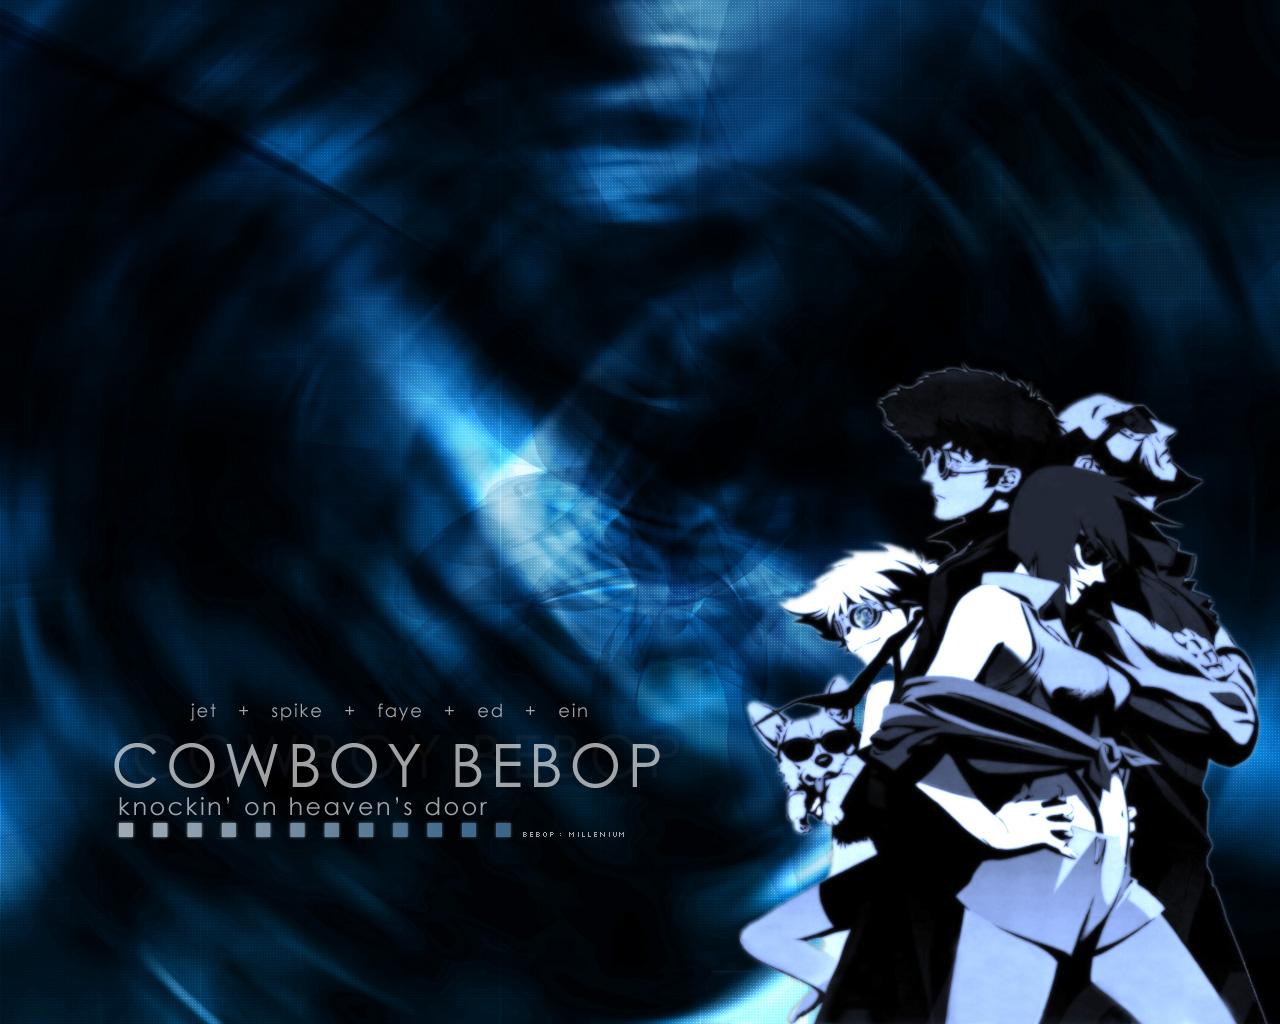 cowboy bebop wallpaper HD 1280x1024